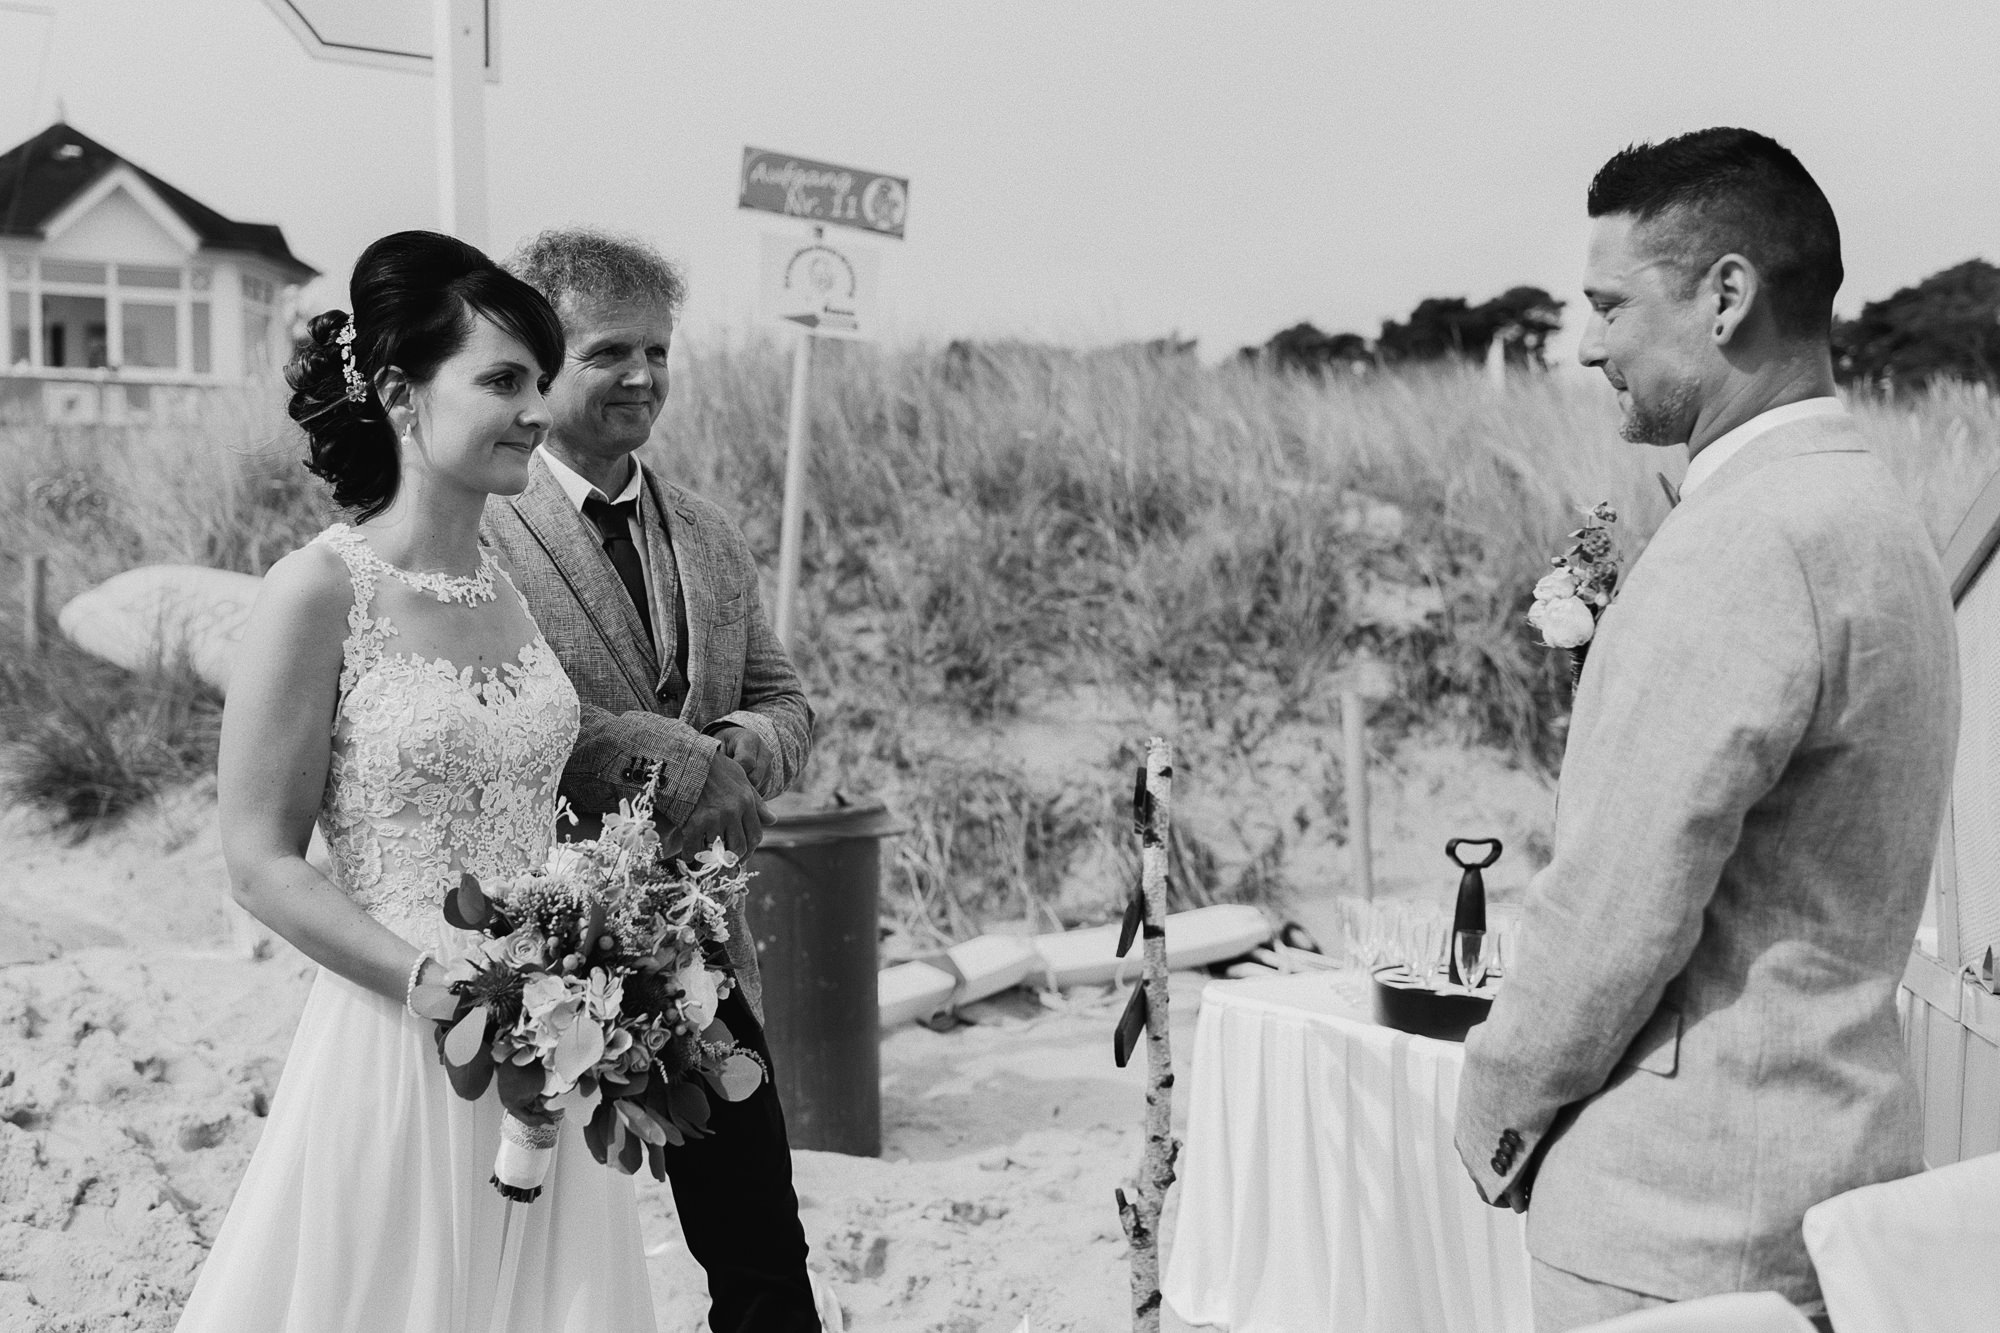 Hochzeit - Göhren - Hochzeitsfotograf - Rügen - Ostsee - Heiraten - Binz - freie Trauung - Strandhochzeit